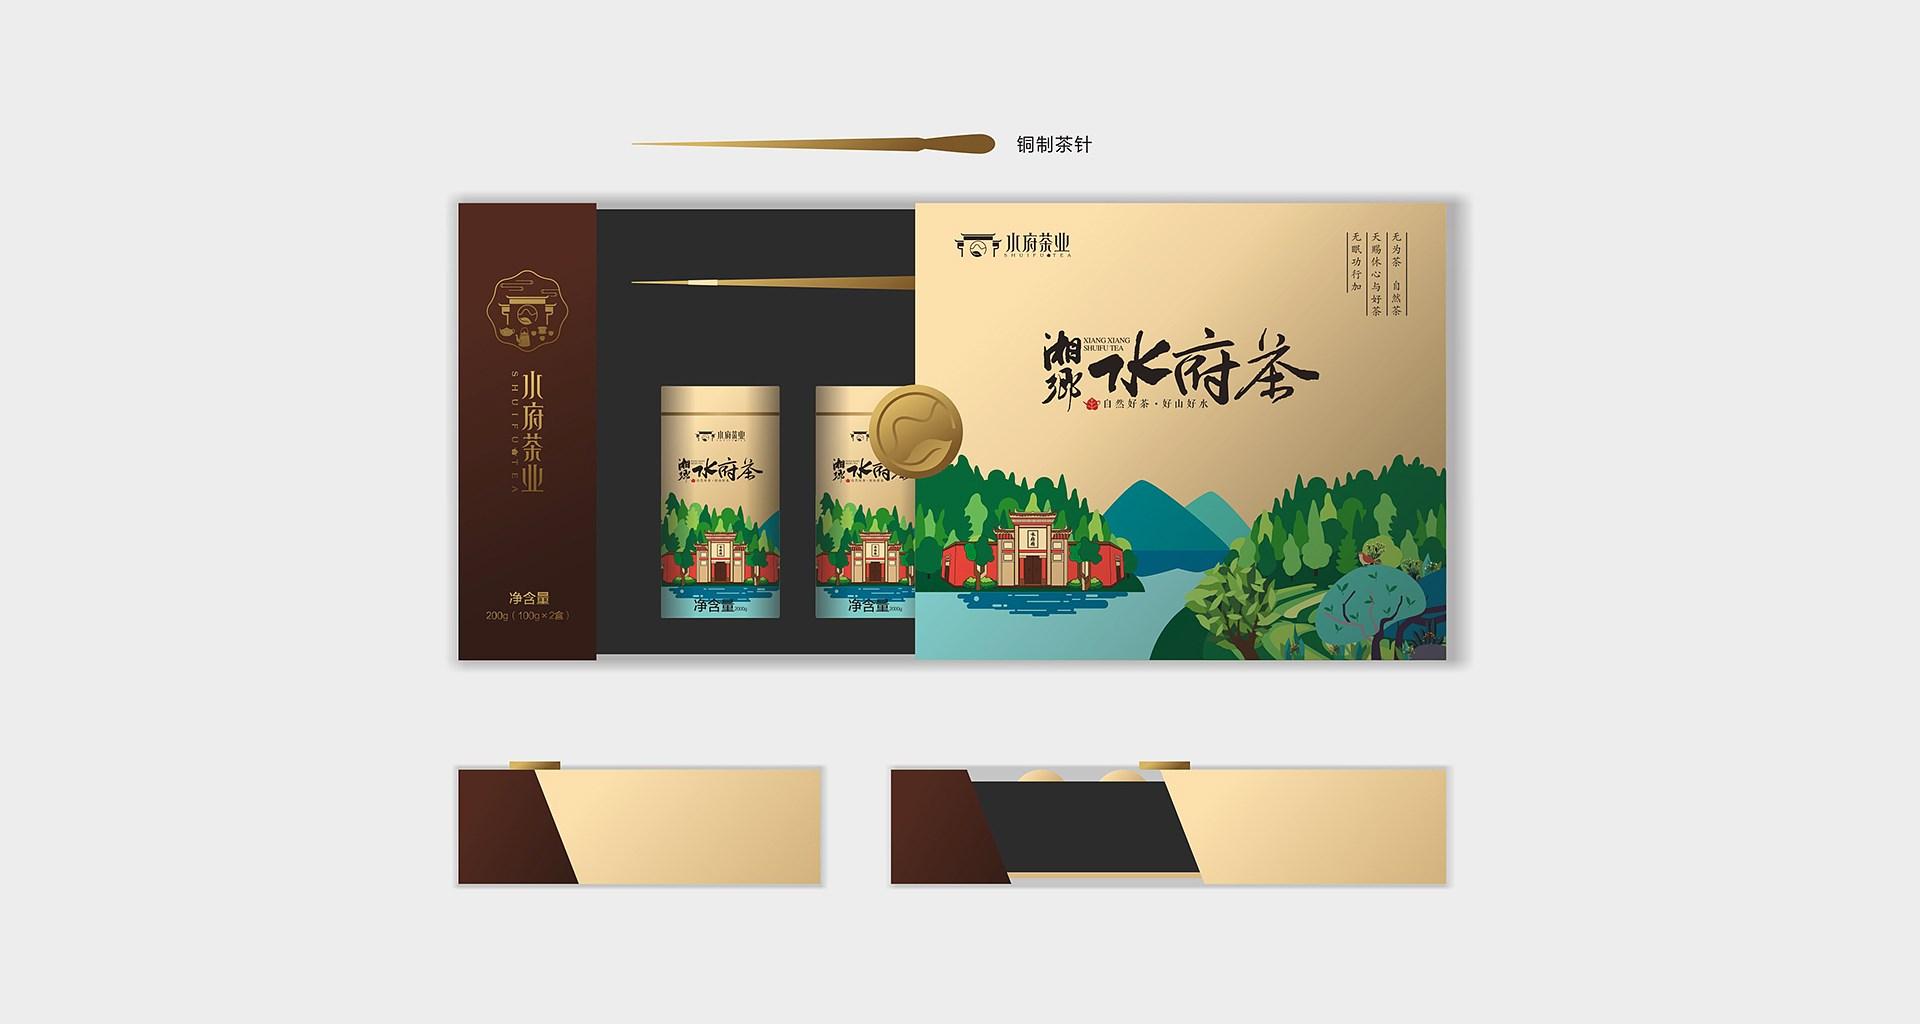 水府茶新万博竞彩app苹果下载万博manbetx手机版苹果下载_0017.JPG